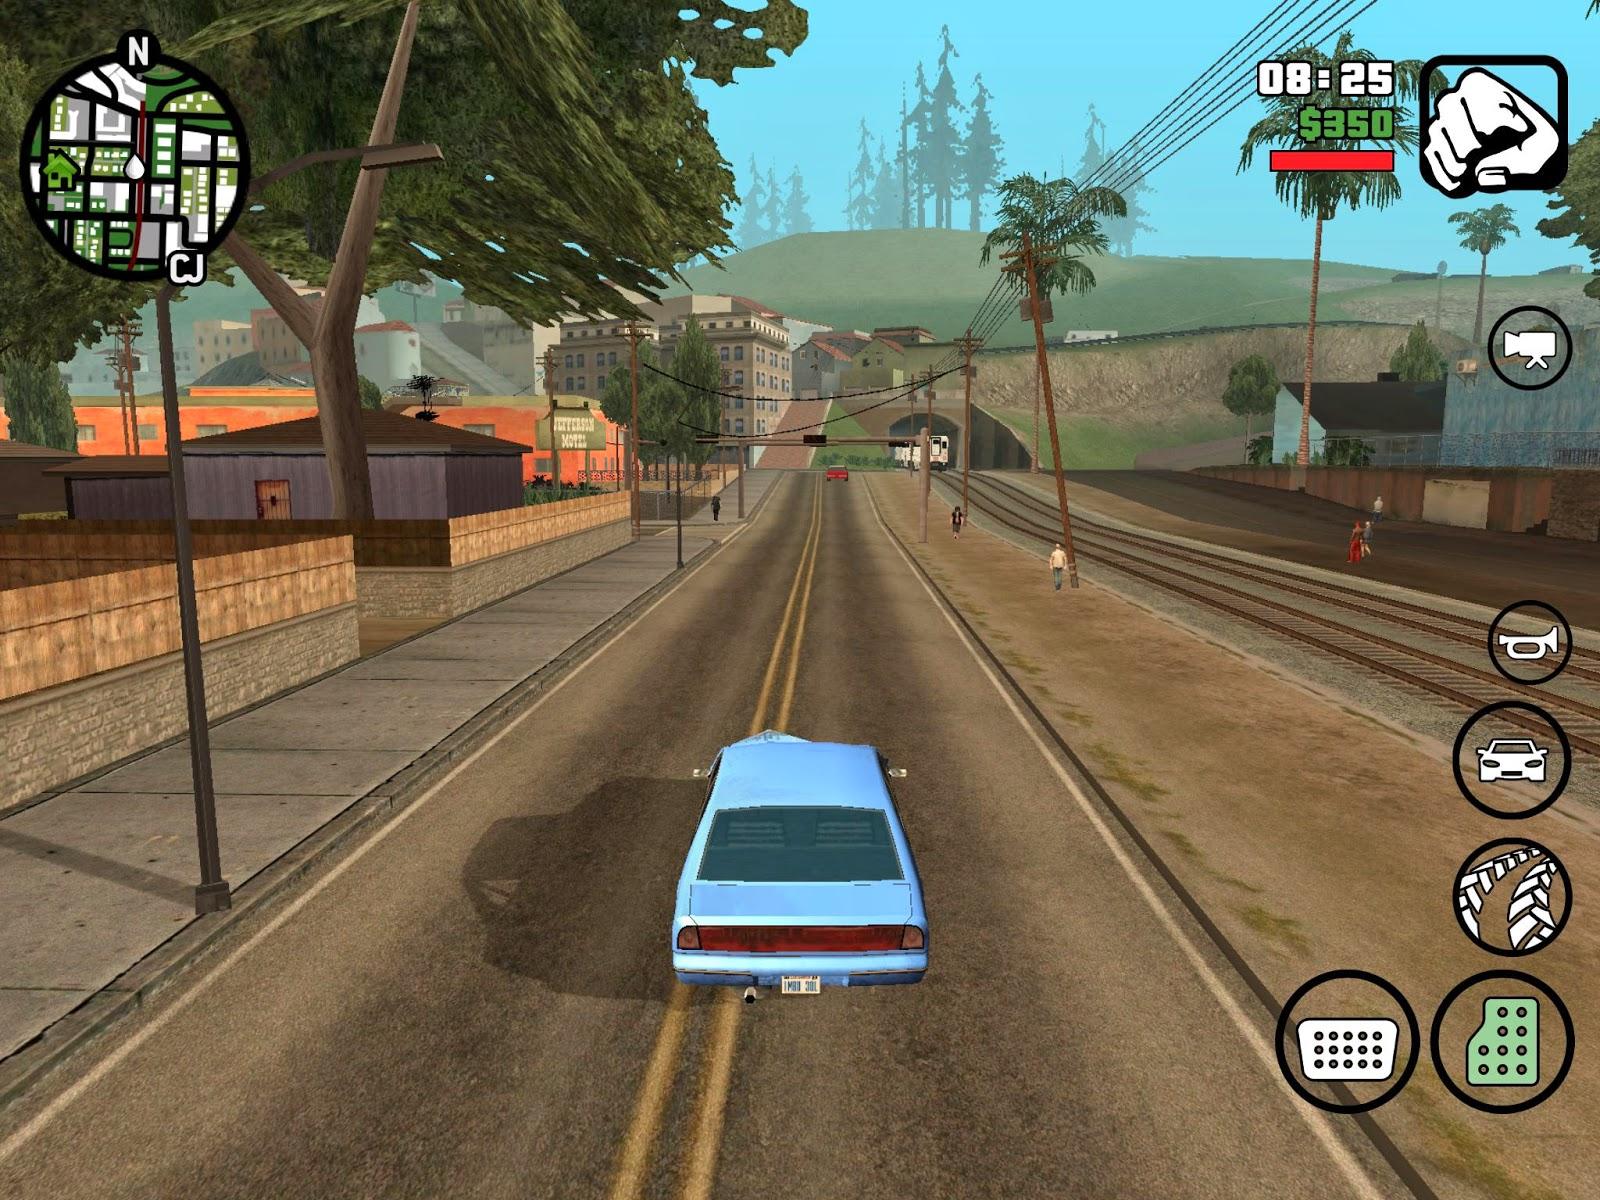 Gta San Andreas Apk Ekran Görüntüsü 1